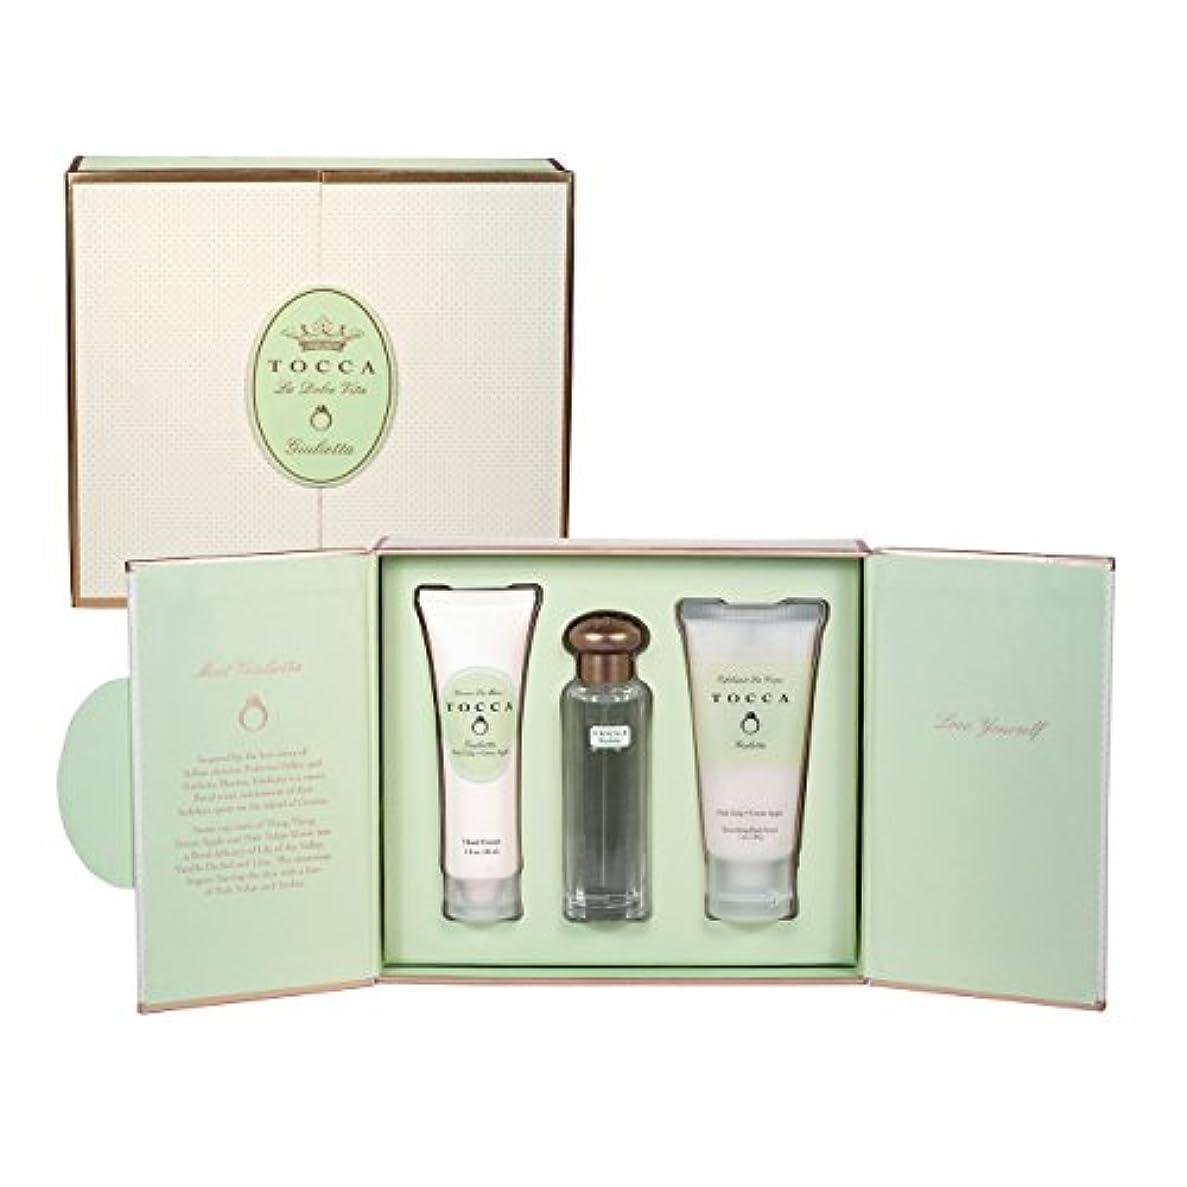 くぼみスチール実験的トッカ(TOCCA) ドルチェヴィータコレクション ジュリエッタの香り (香水20ml、ハンドクリーム30ml、ボディーケアスクラブ30ml)